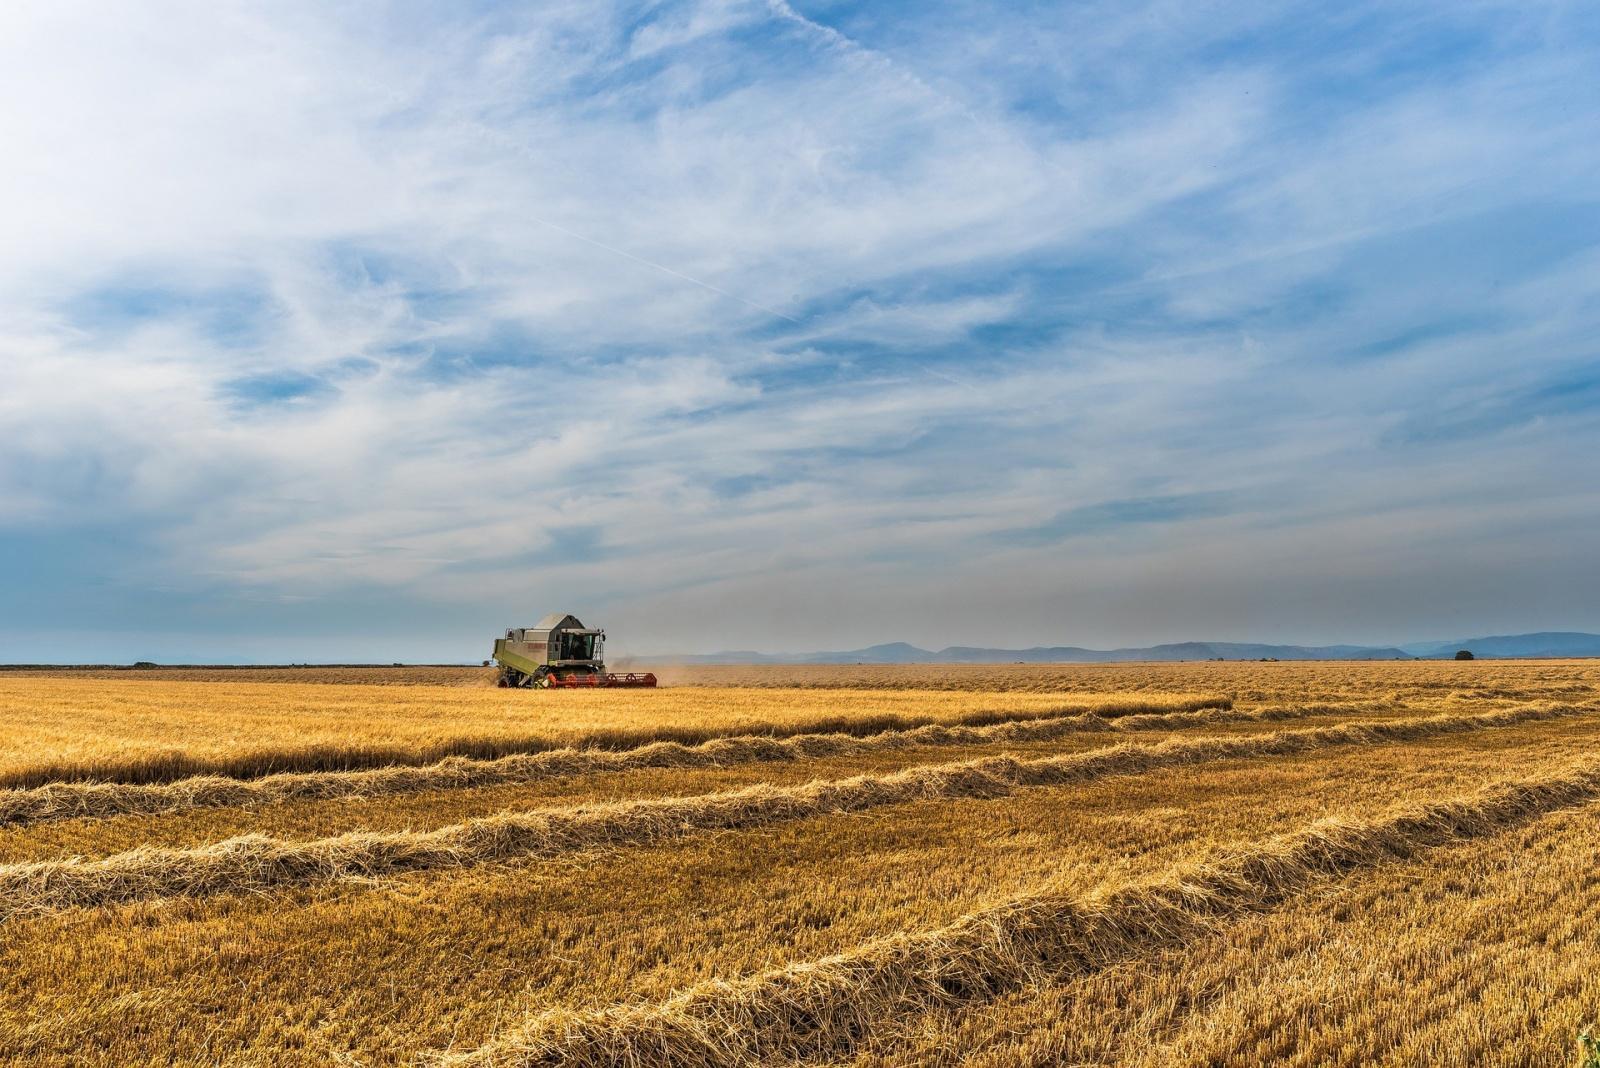 Miałeś wypadek przy pracy w gospodarstwie rolnym? Sprawdź, jak odzyskać odszkodowanie!